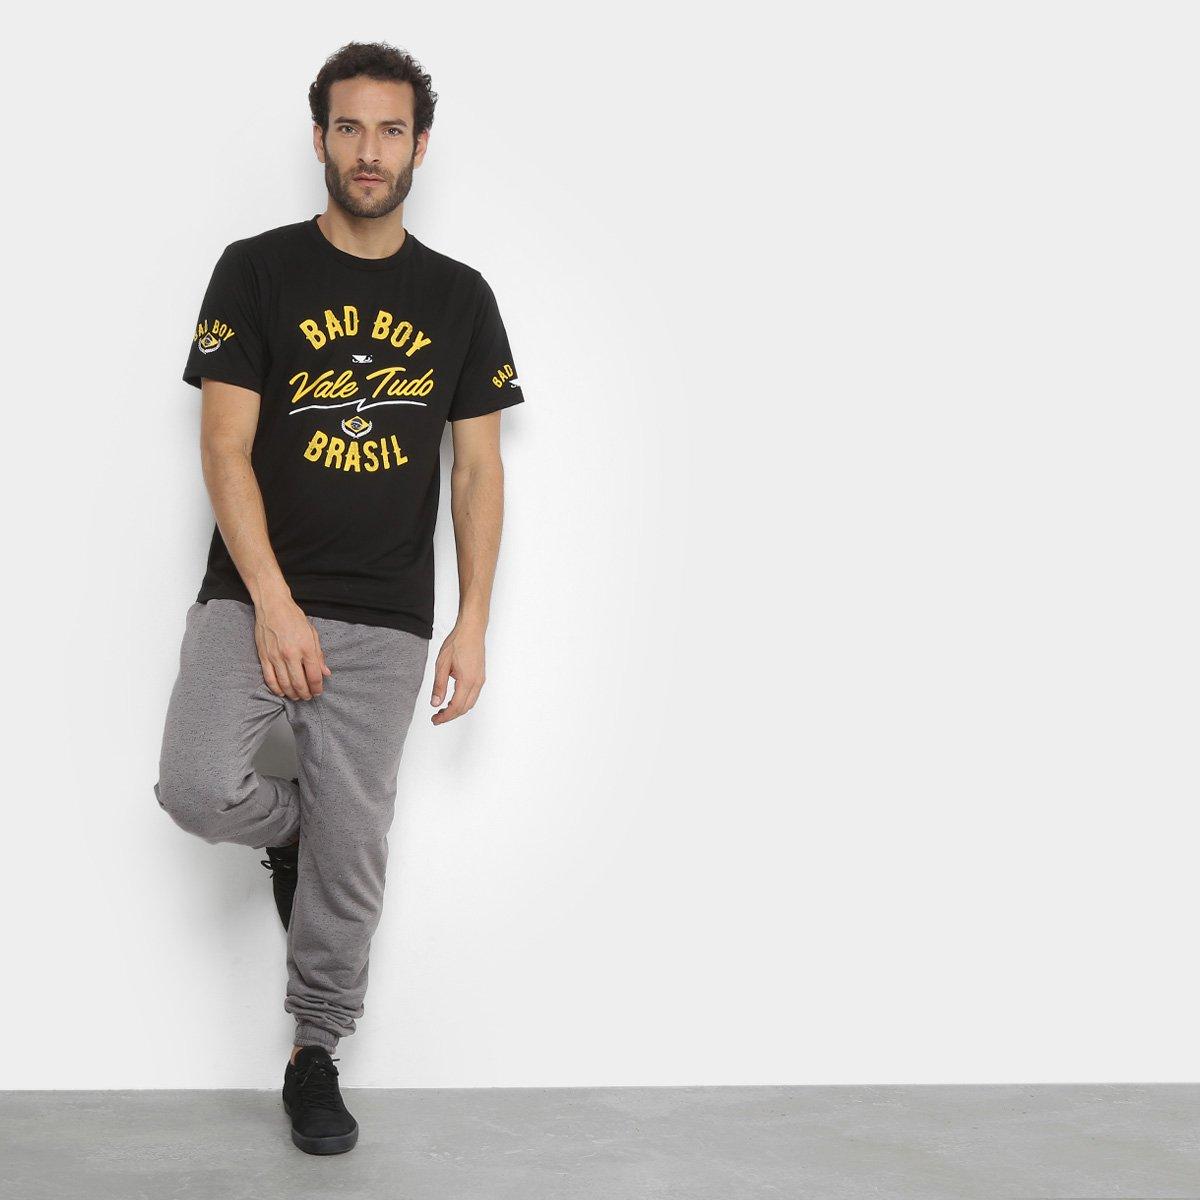 Camiseta Bad Boy Vale Tudo Sp Masculina - Preto - Compre Agora ... 907f0f25afb